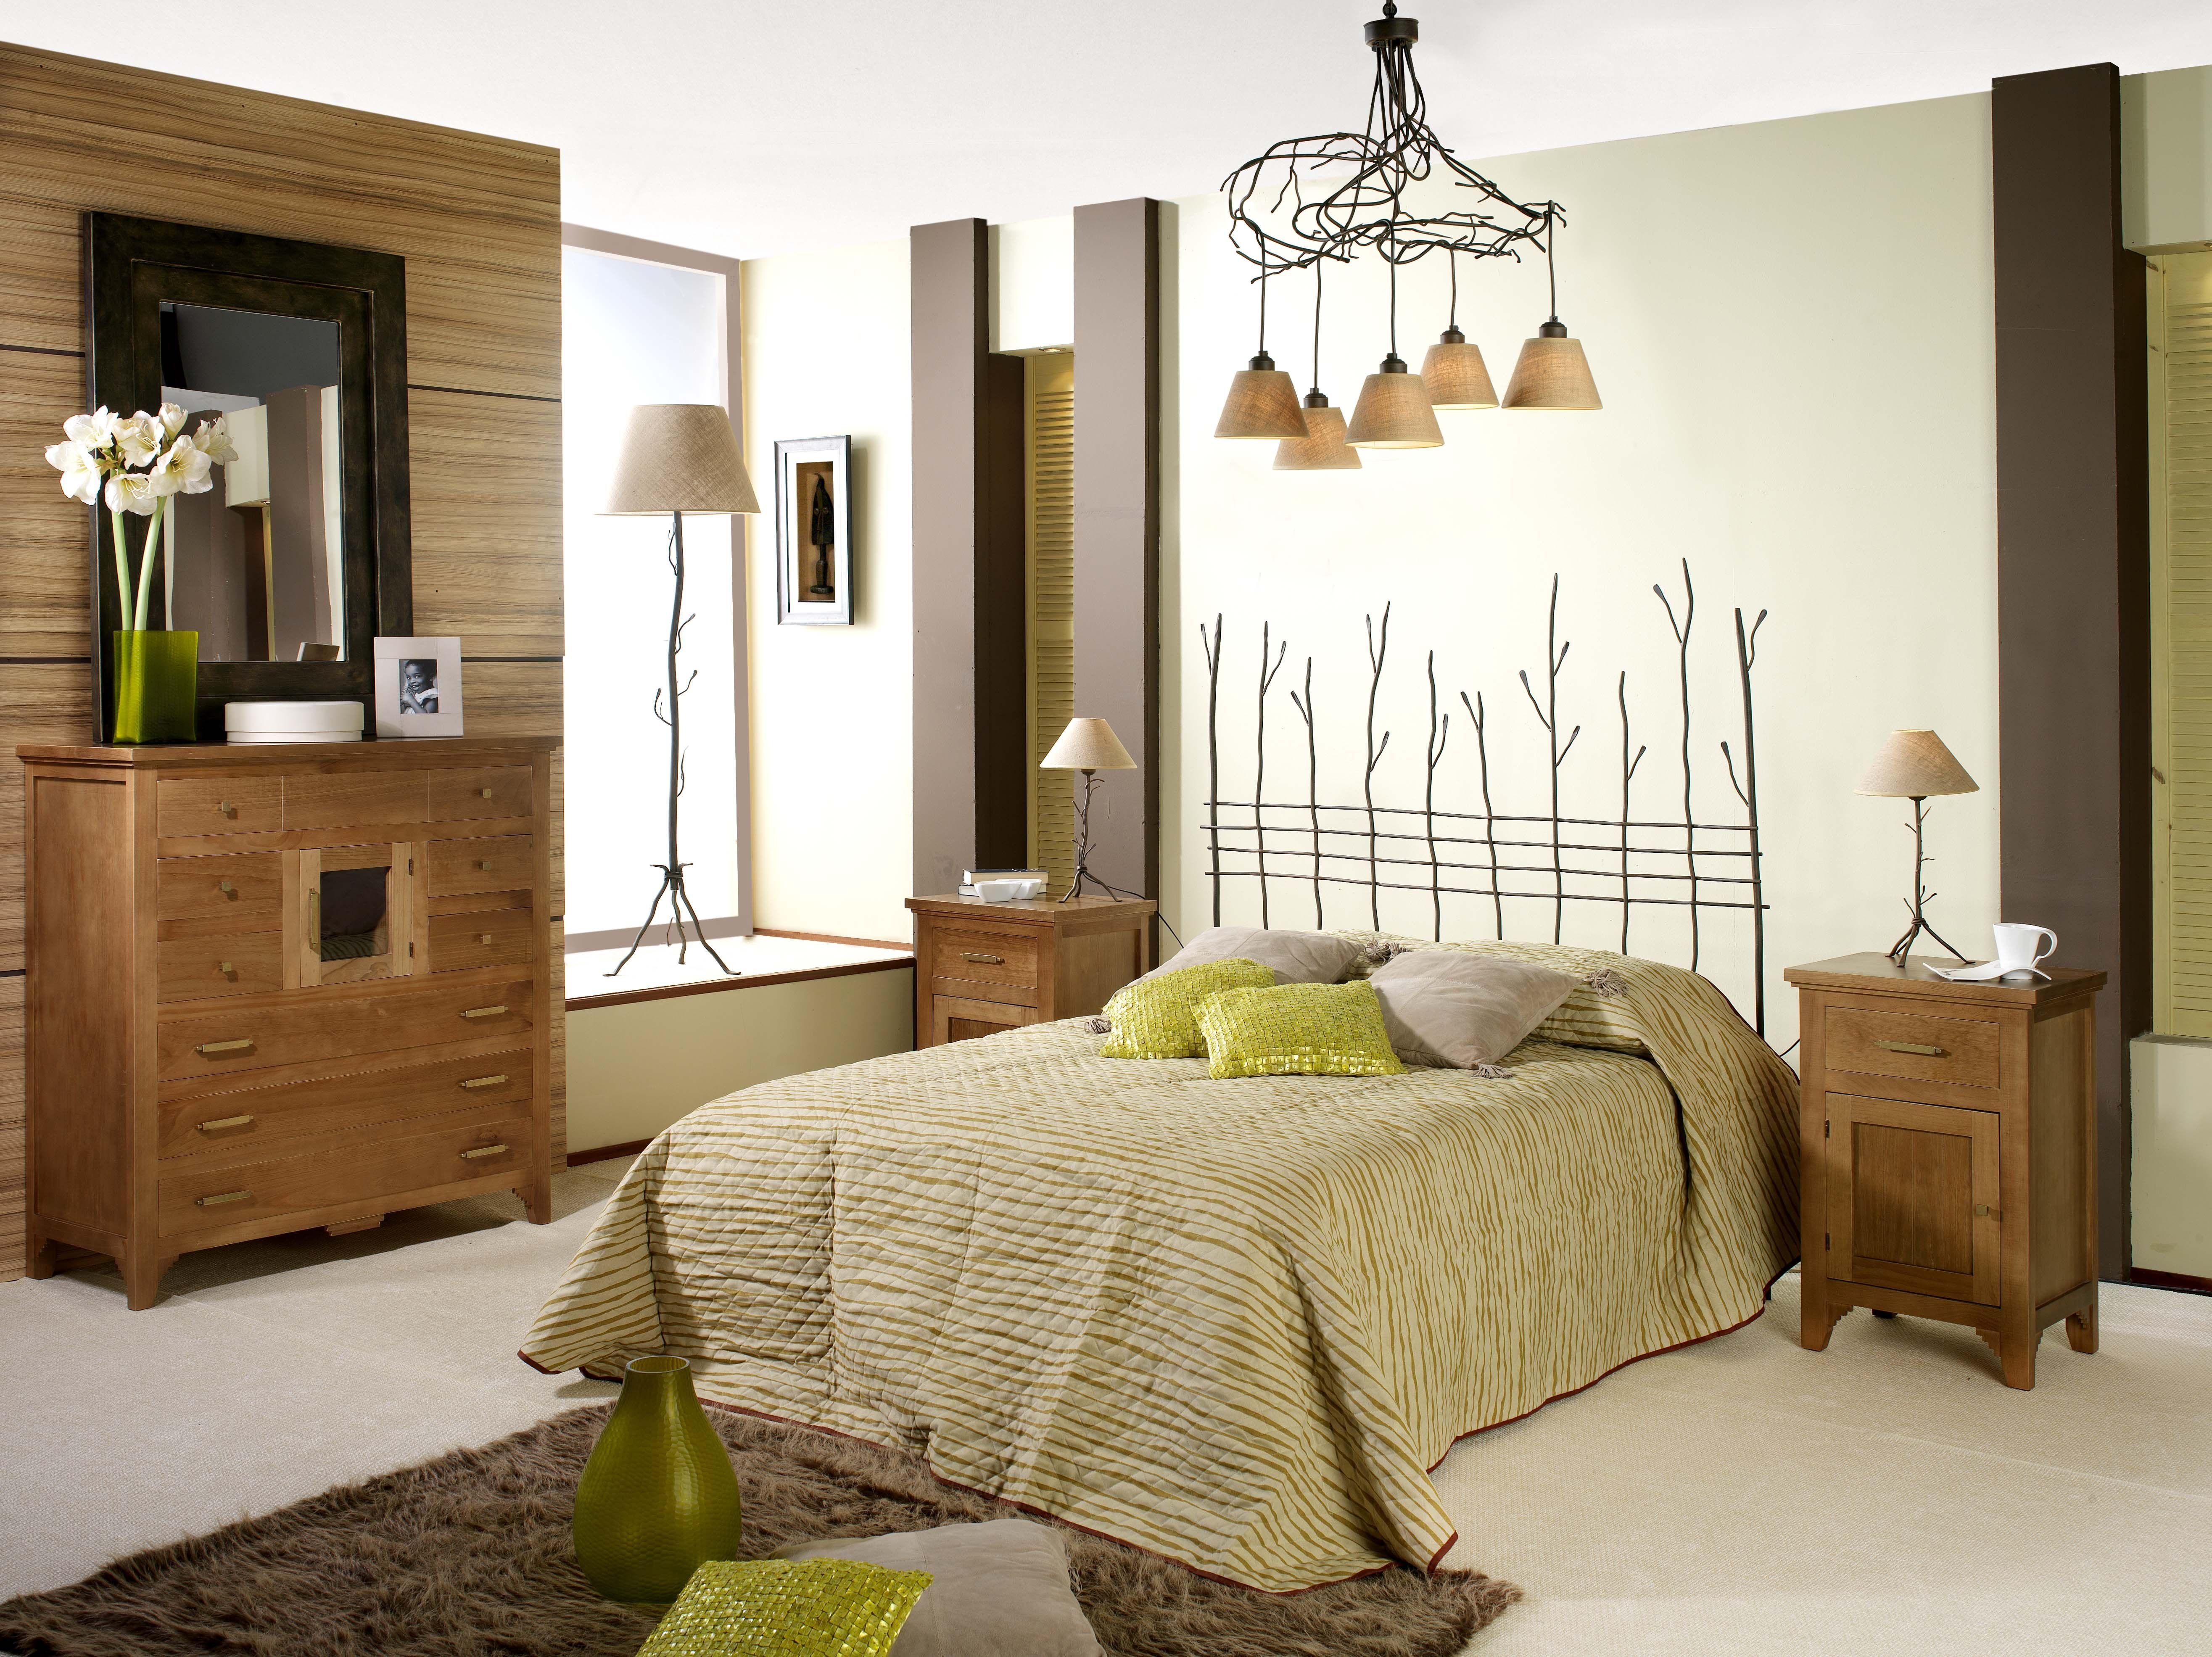 Dormitorio de forja y madera mod Nature fabricado a mano tonos